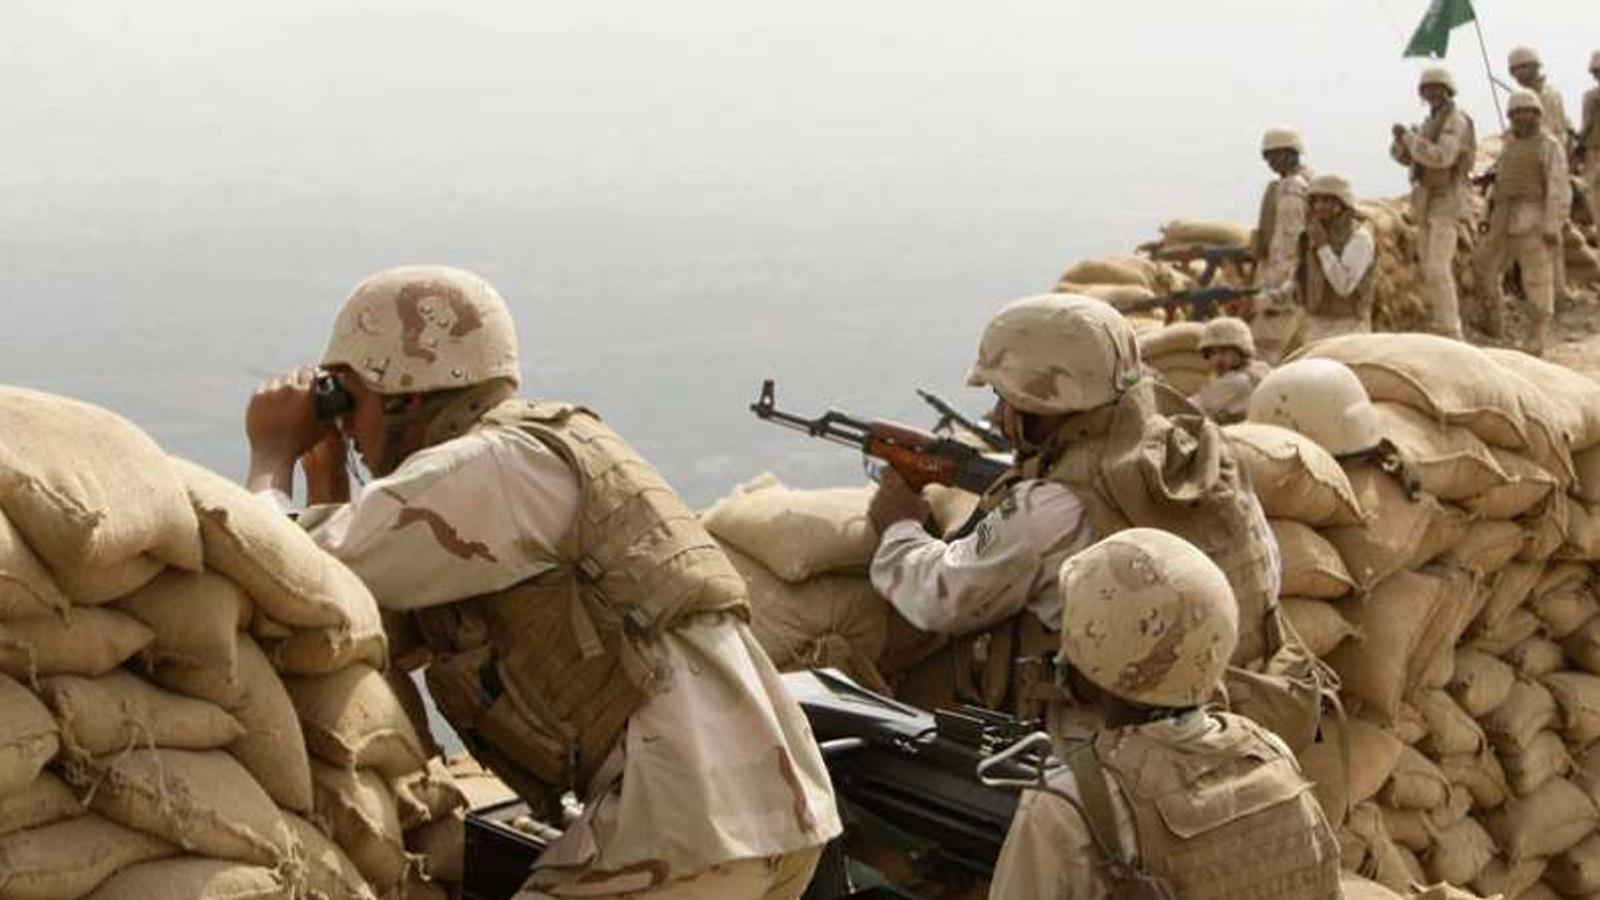 यमनमा २५ हुथी विद्रोही र २० सैनिकको मृत्यु